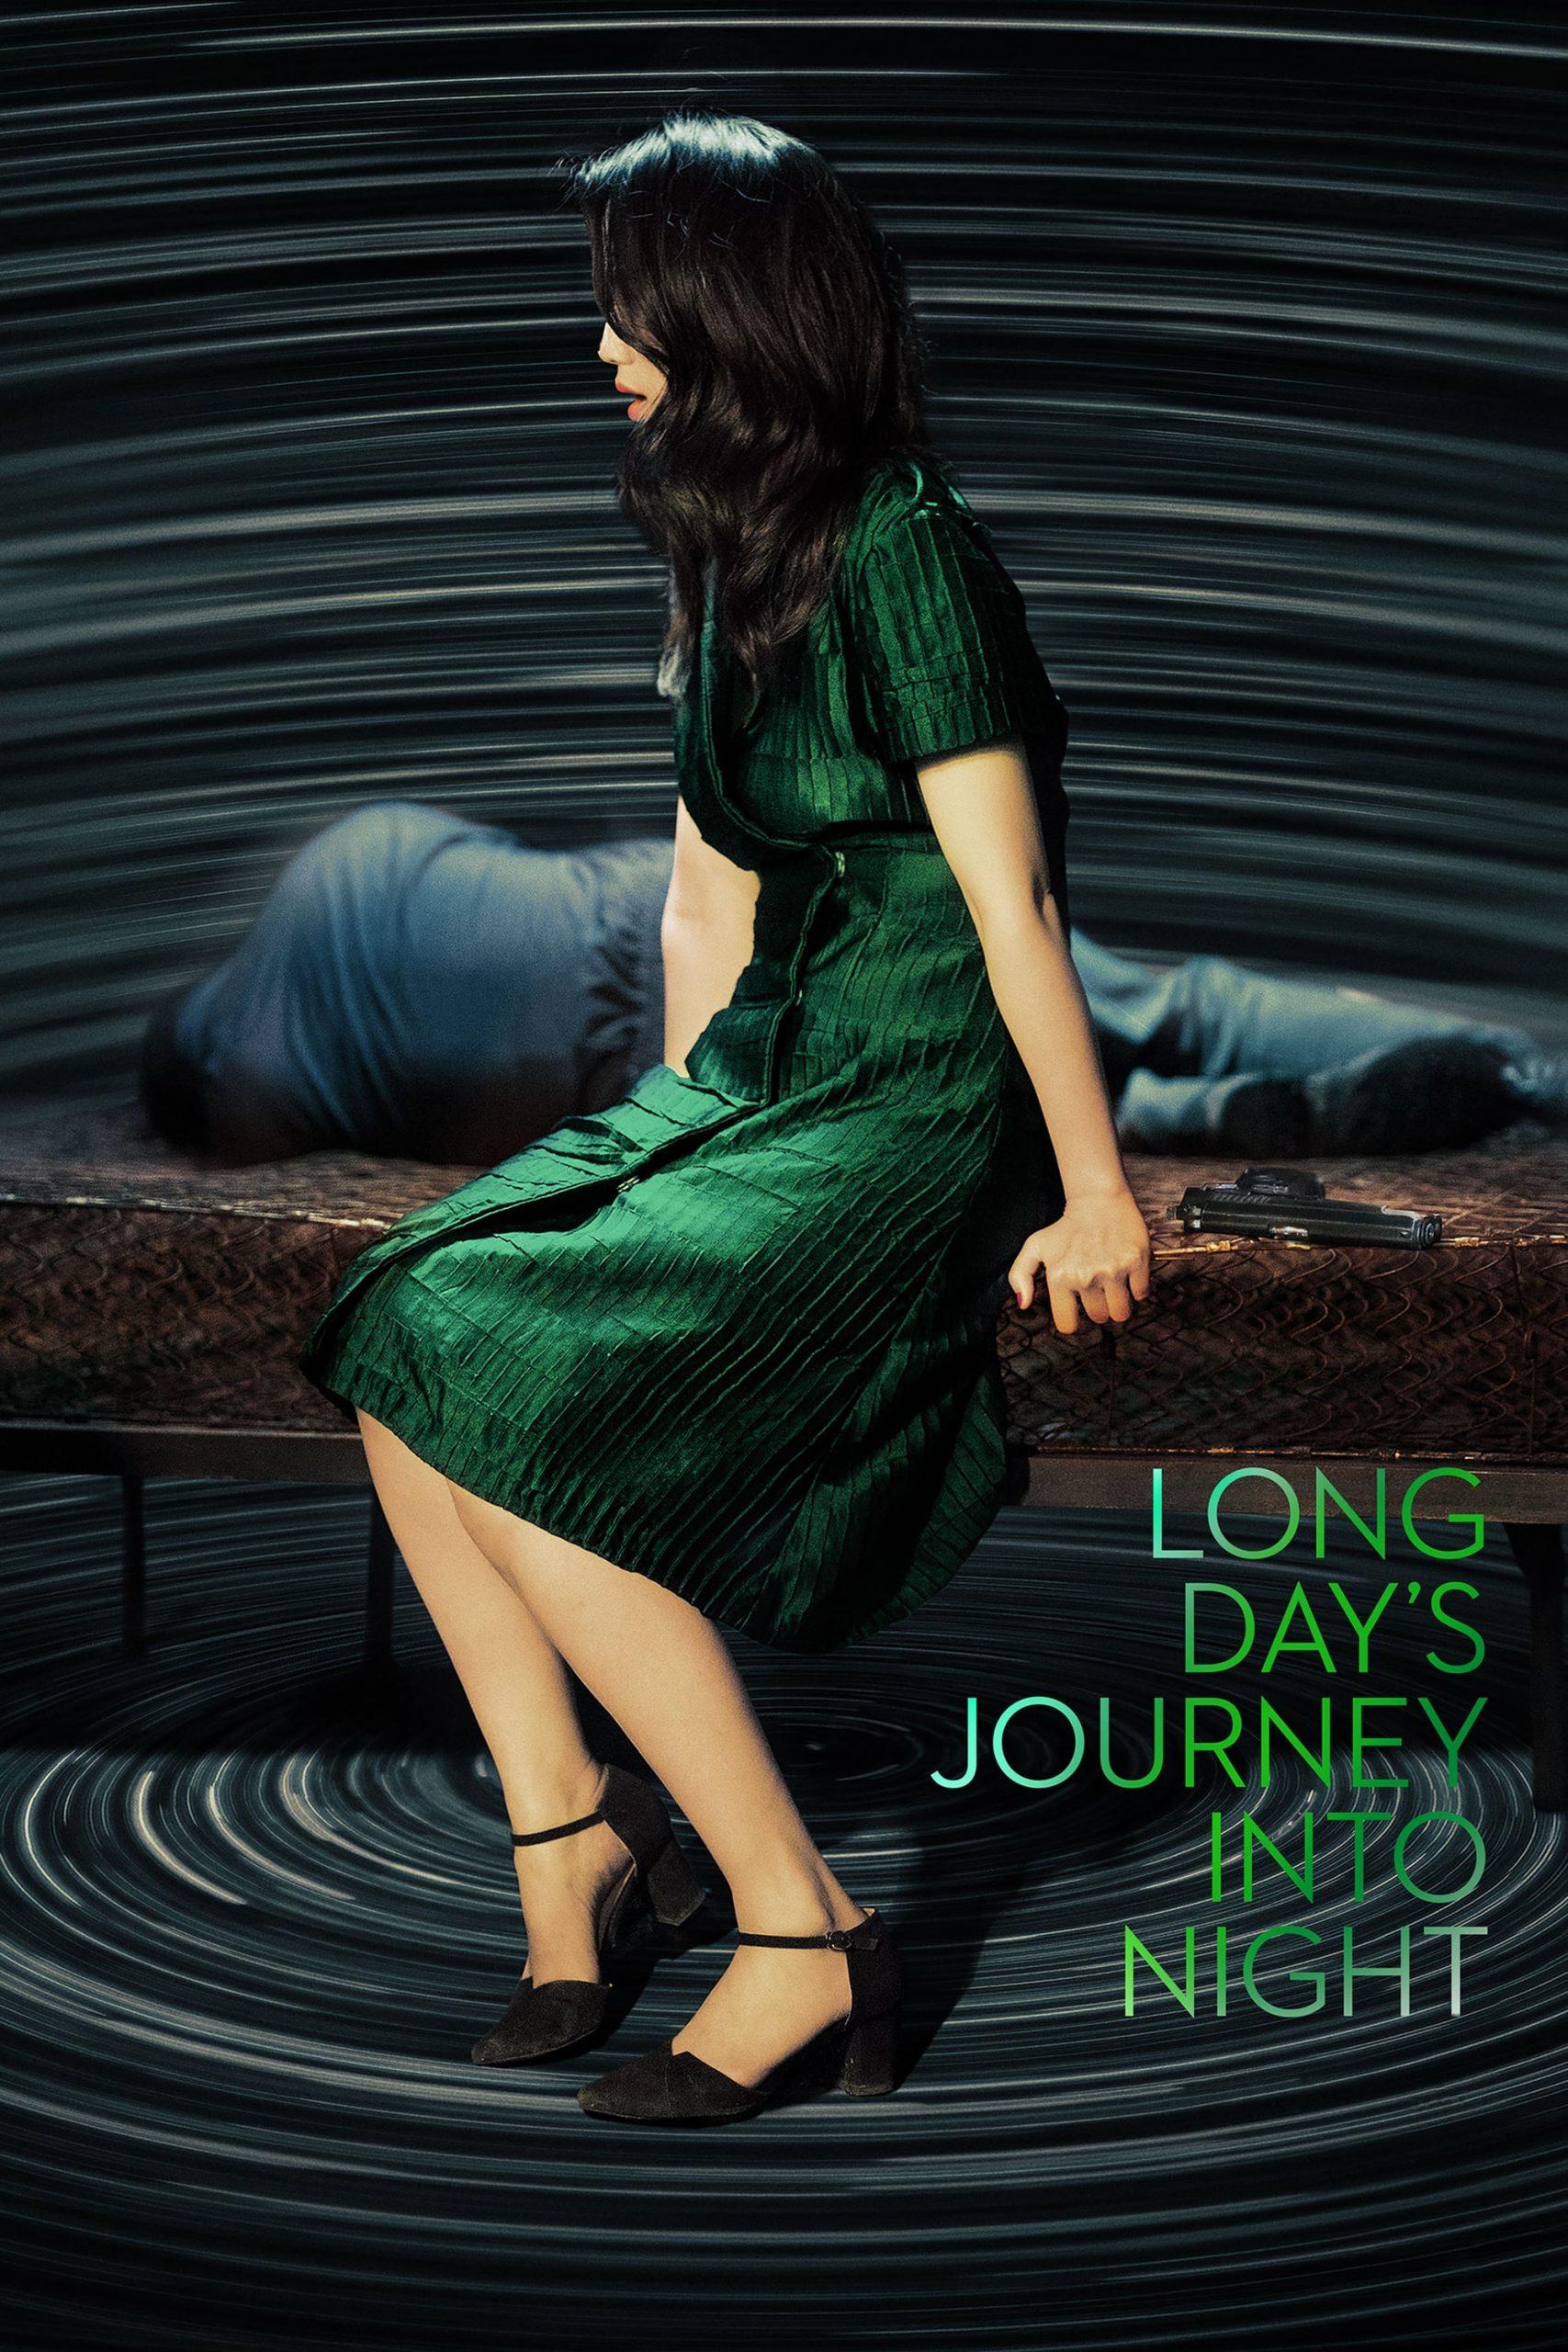 دانلود فیلم Long Day's Journey Into Night 2018